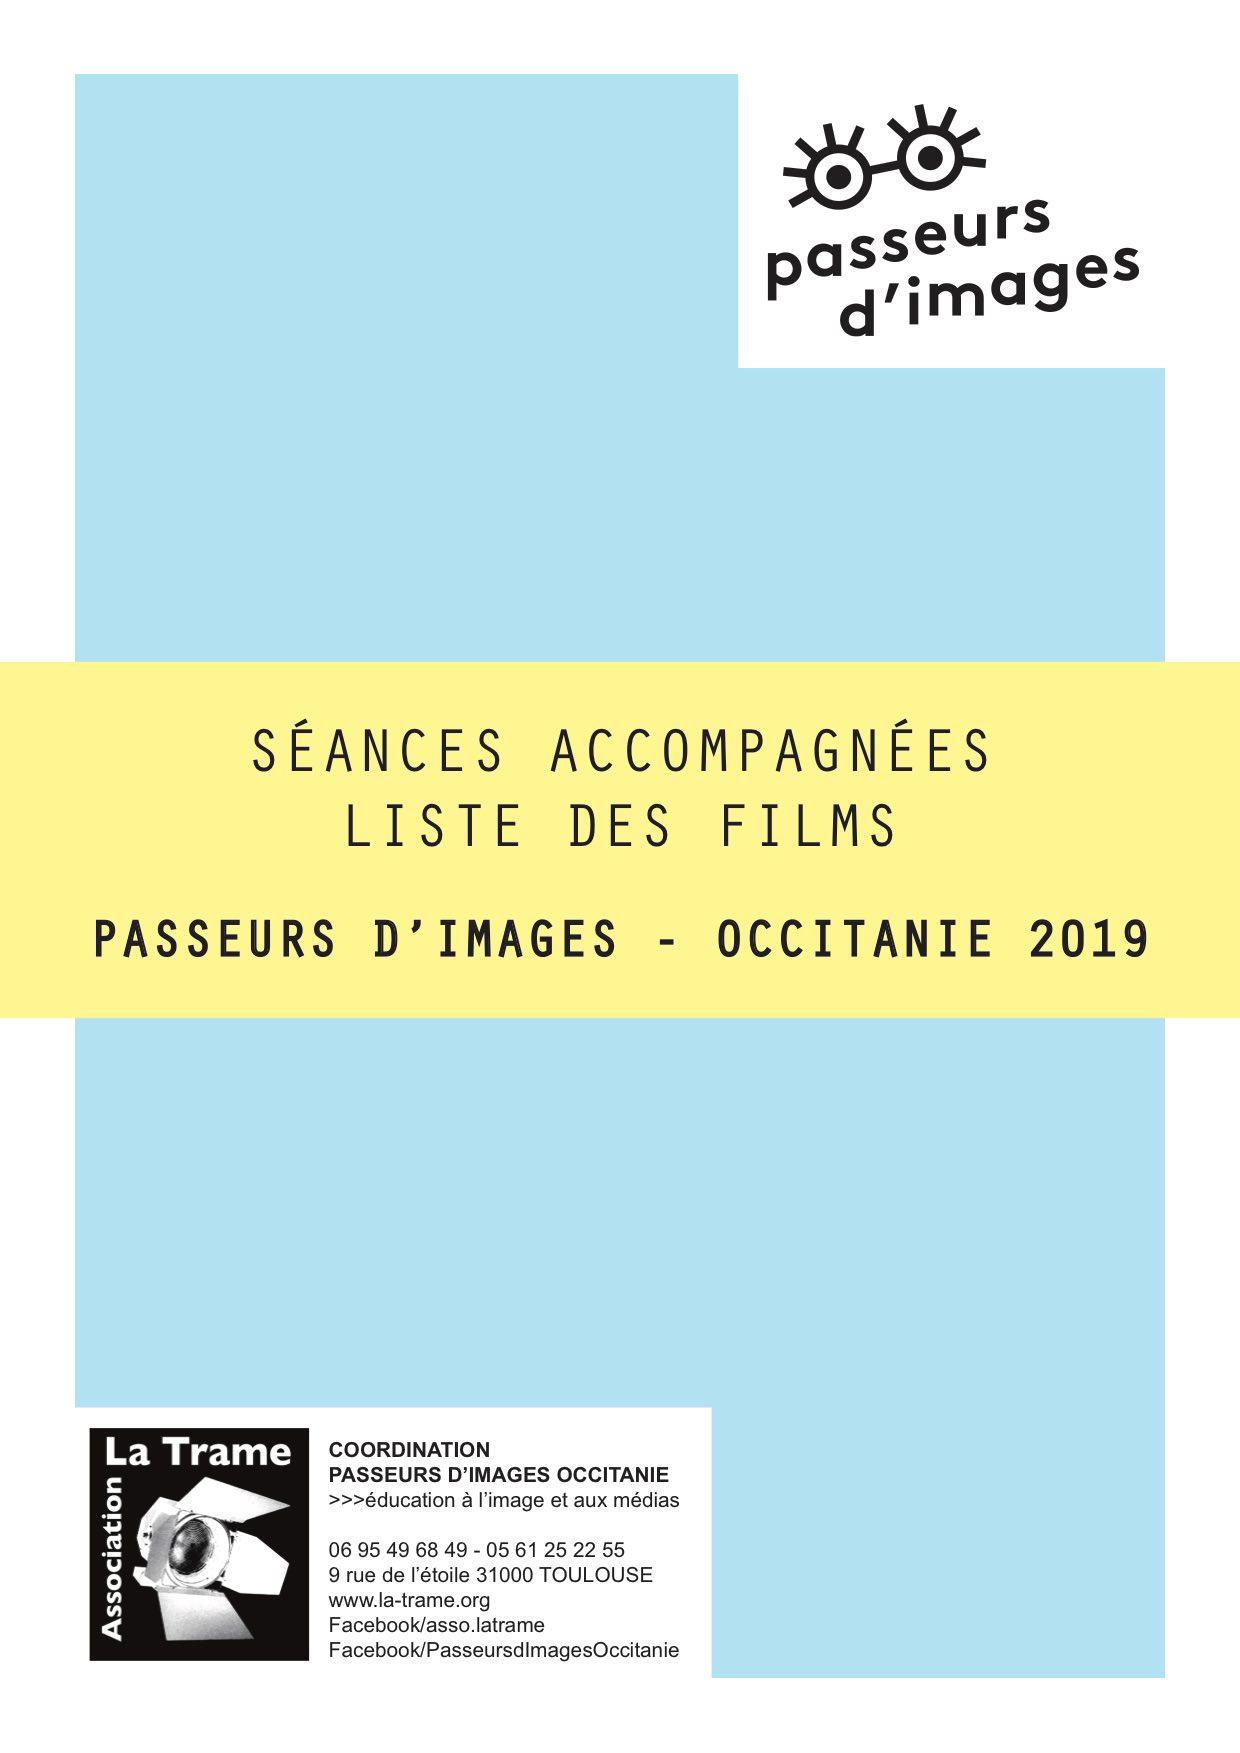 Liste des films séances accompagnées Passeurs images 2019